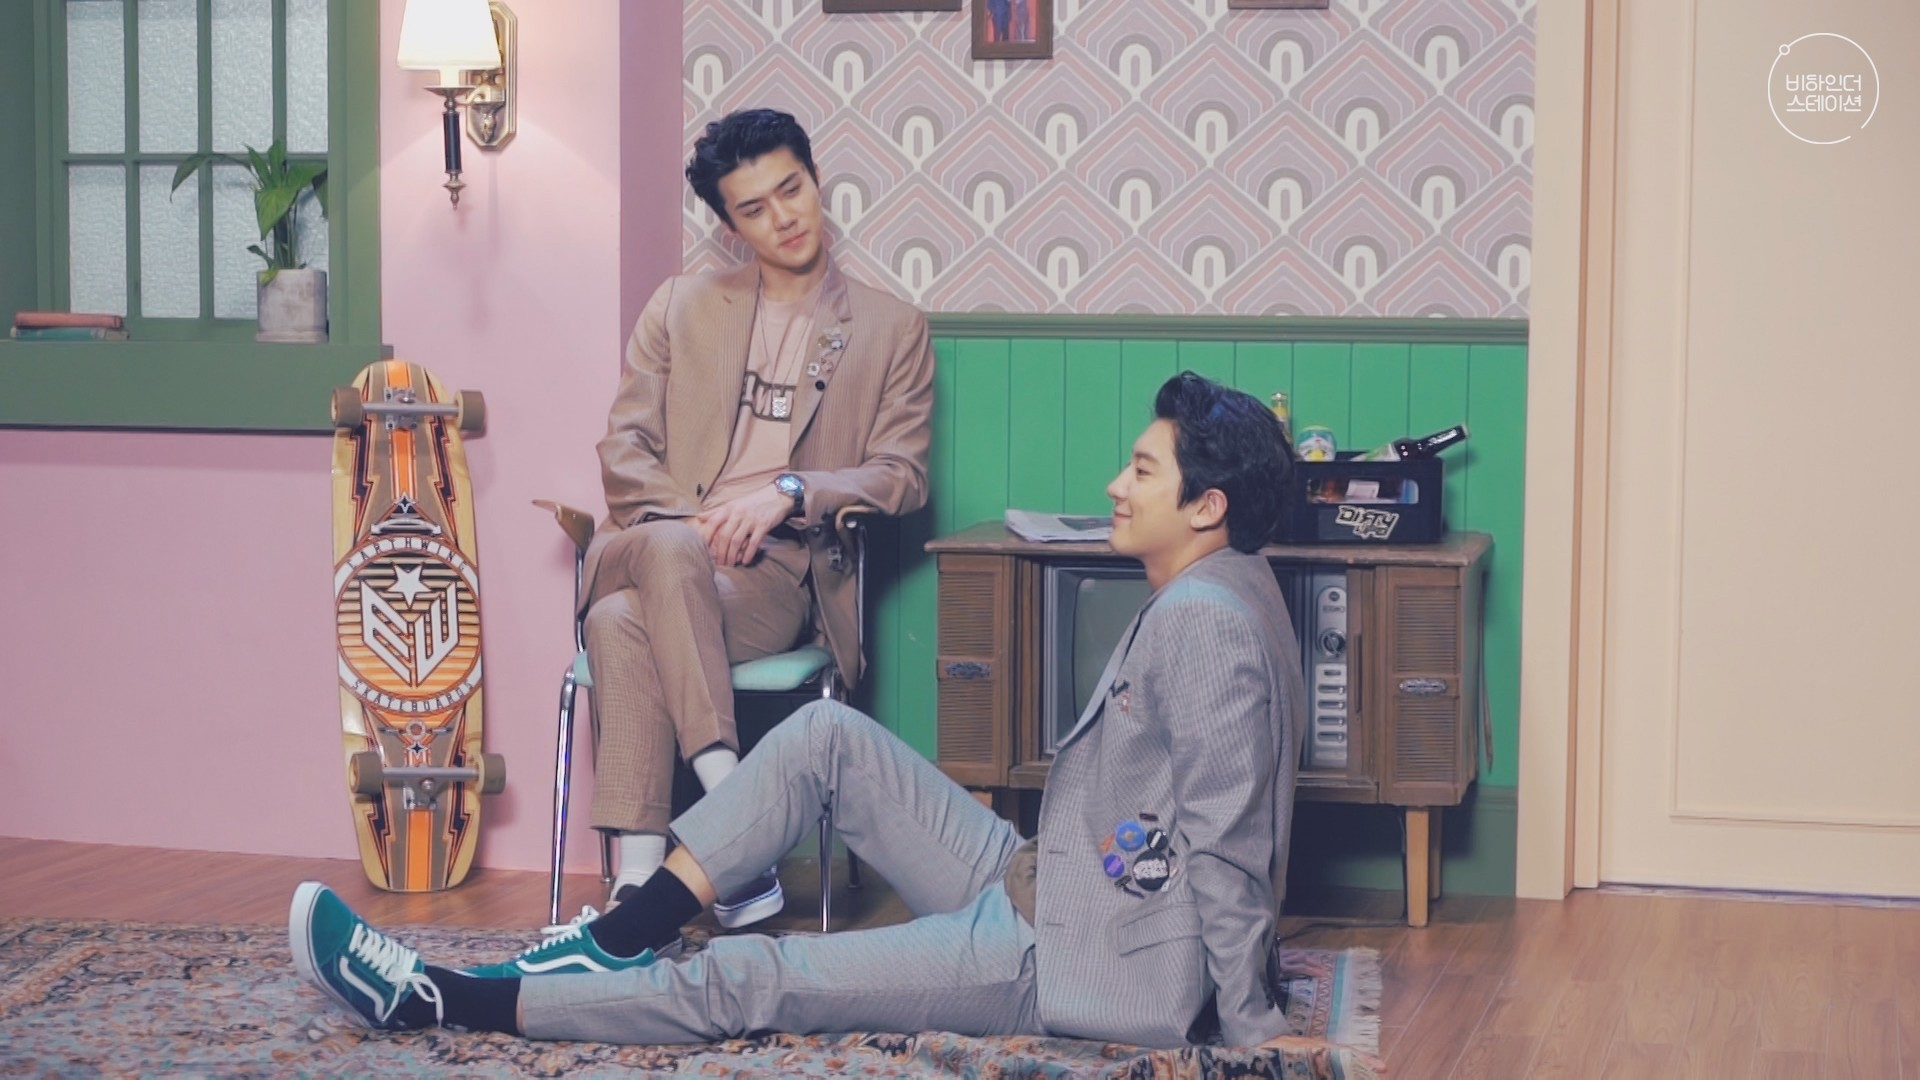 [STATION X 0] 찬열 (CHANYEOL) X 세훈 (SEHUN) 'We Young' 비하인더스테이션